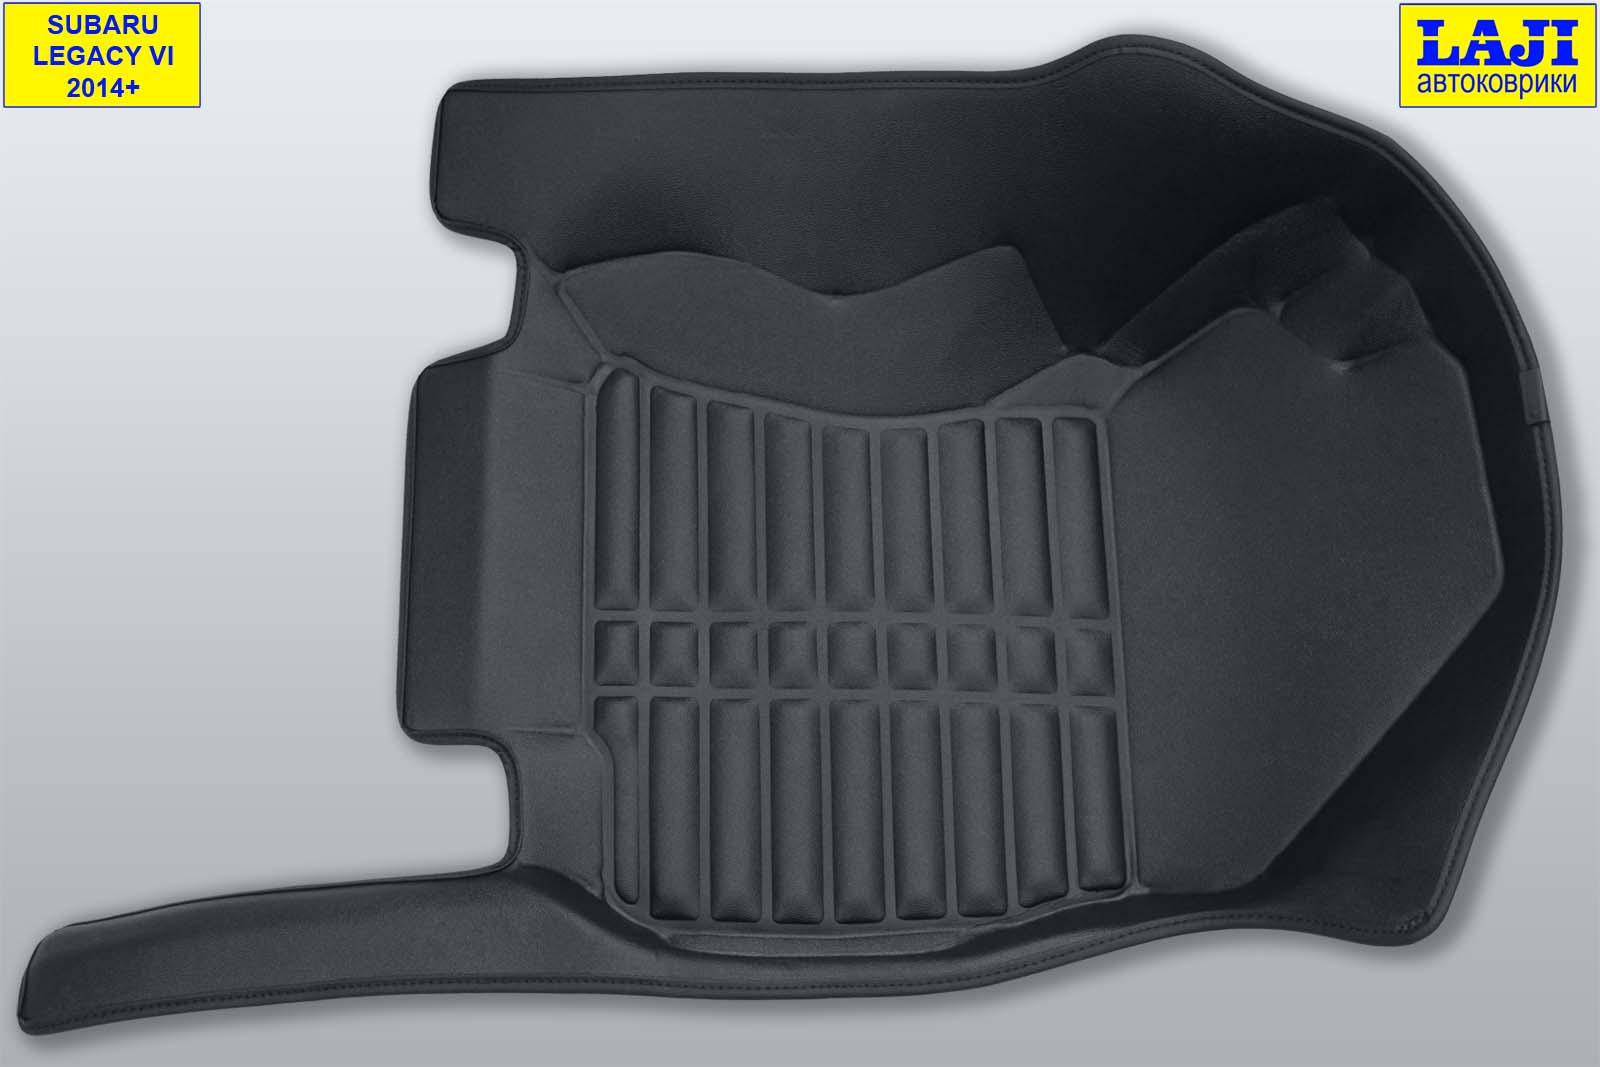 5D коврики в салон Subaru Legacy VI 2014-н.в. 4